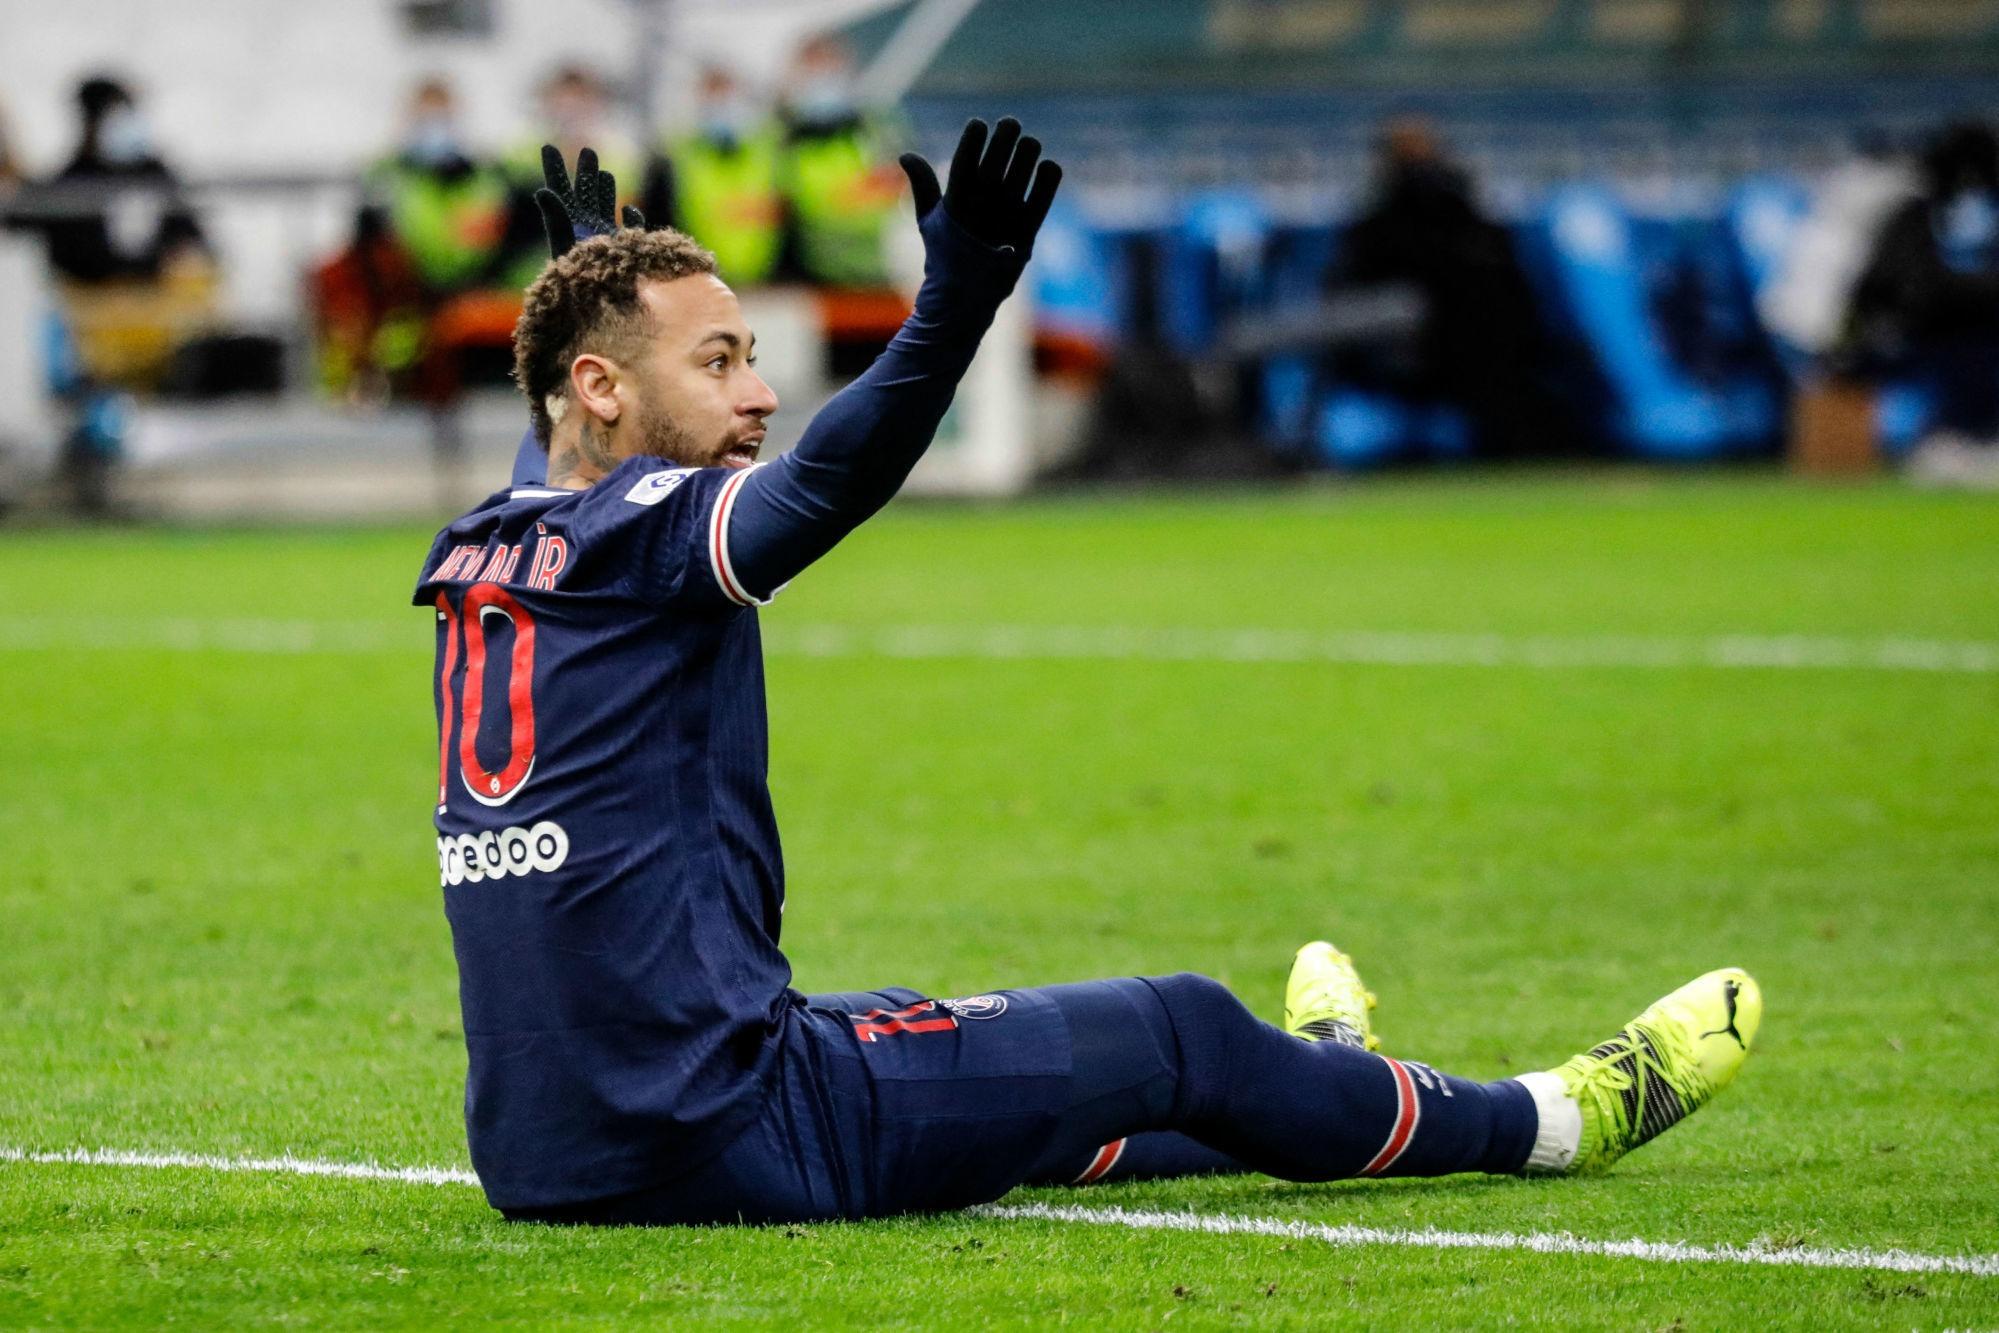 PSG/Nantes - Neymar sera forfait et vise le match contre l'OL, annonce Téléfoot